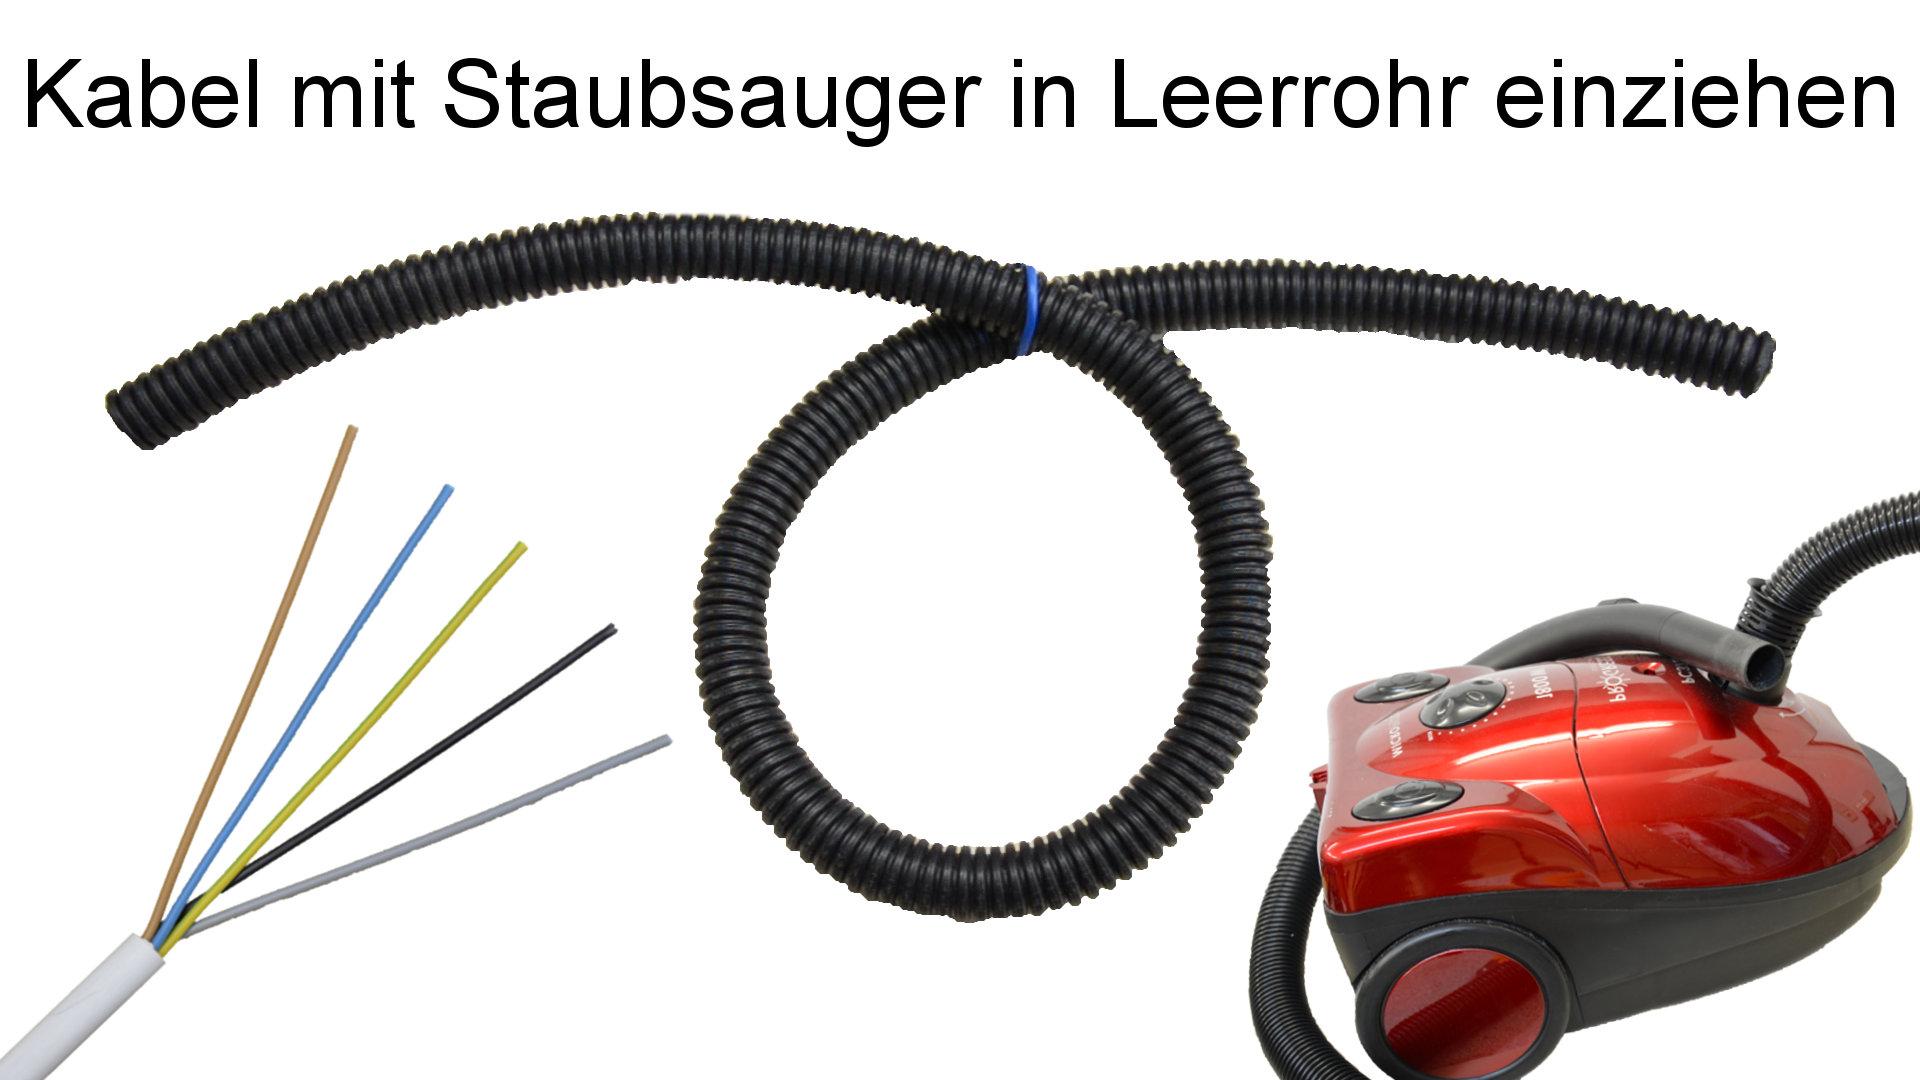 Kabel in Leerrohr einziehen - Thumbnail